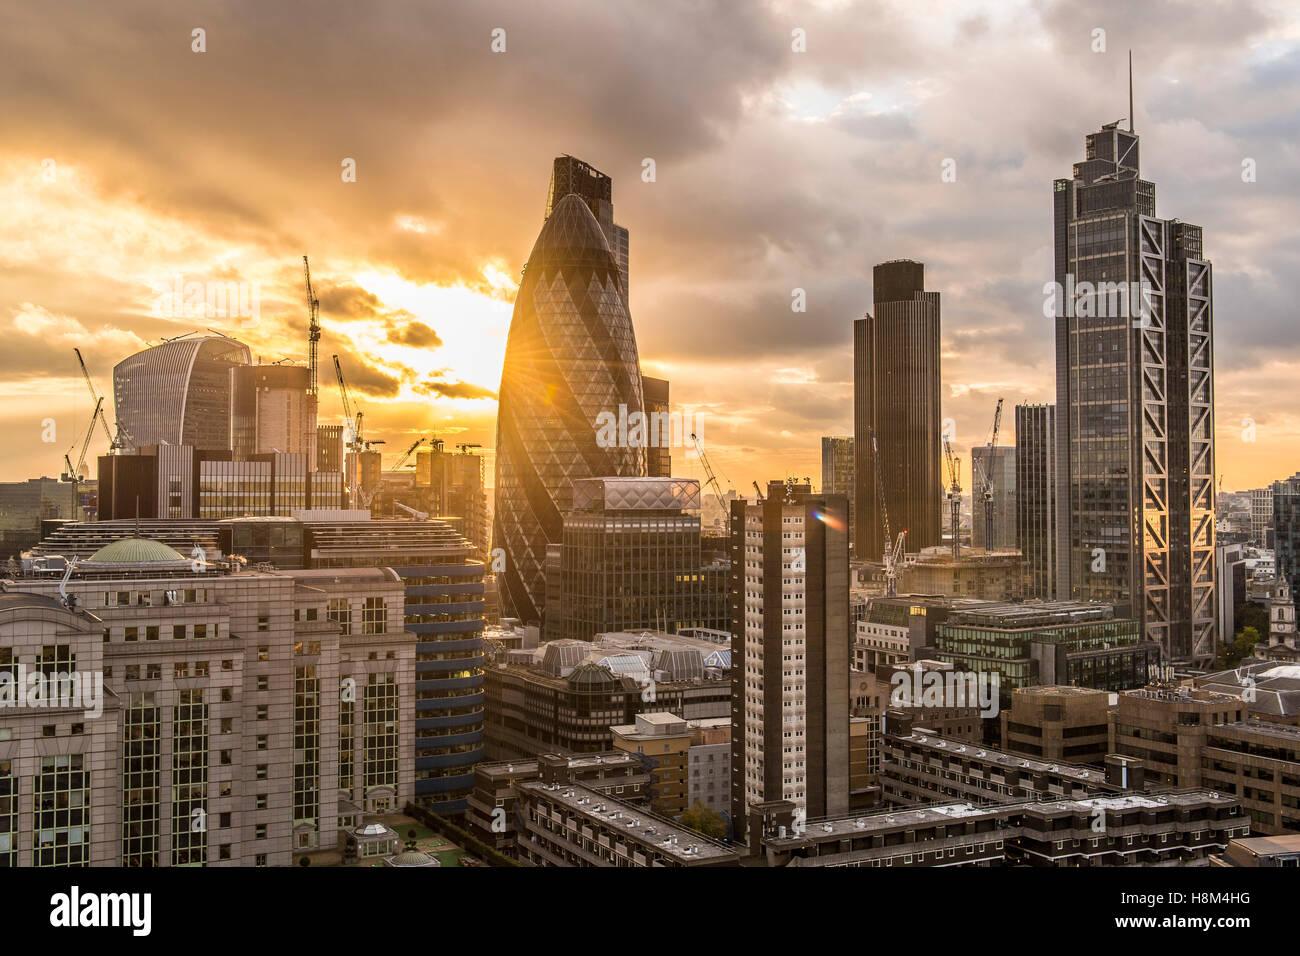 eine Skyline von London, Stadtbild, Hochhaus, Wolkenkratzer Gherkin, Tower 42, Heron-Tower, Nacht, Dämmerung Stockbild